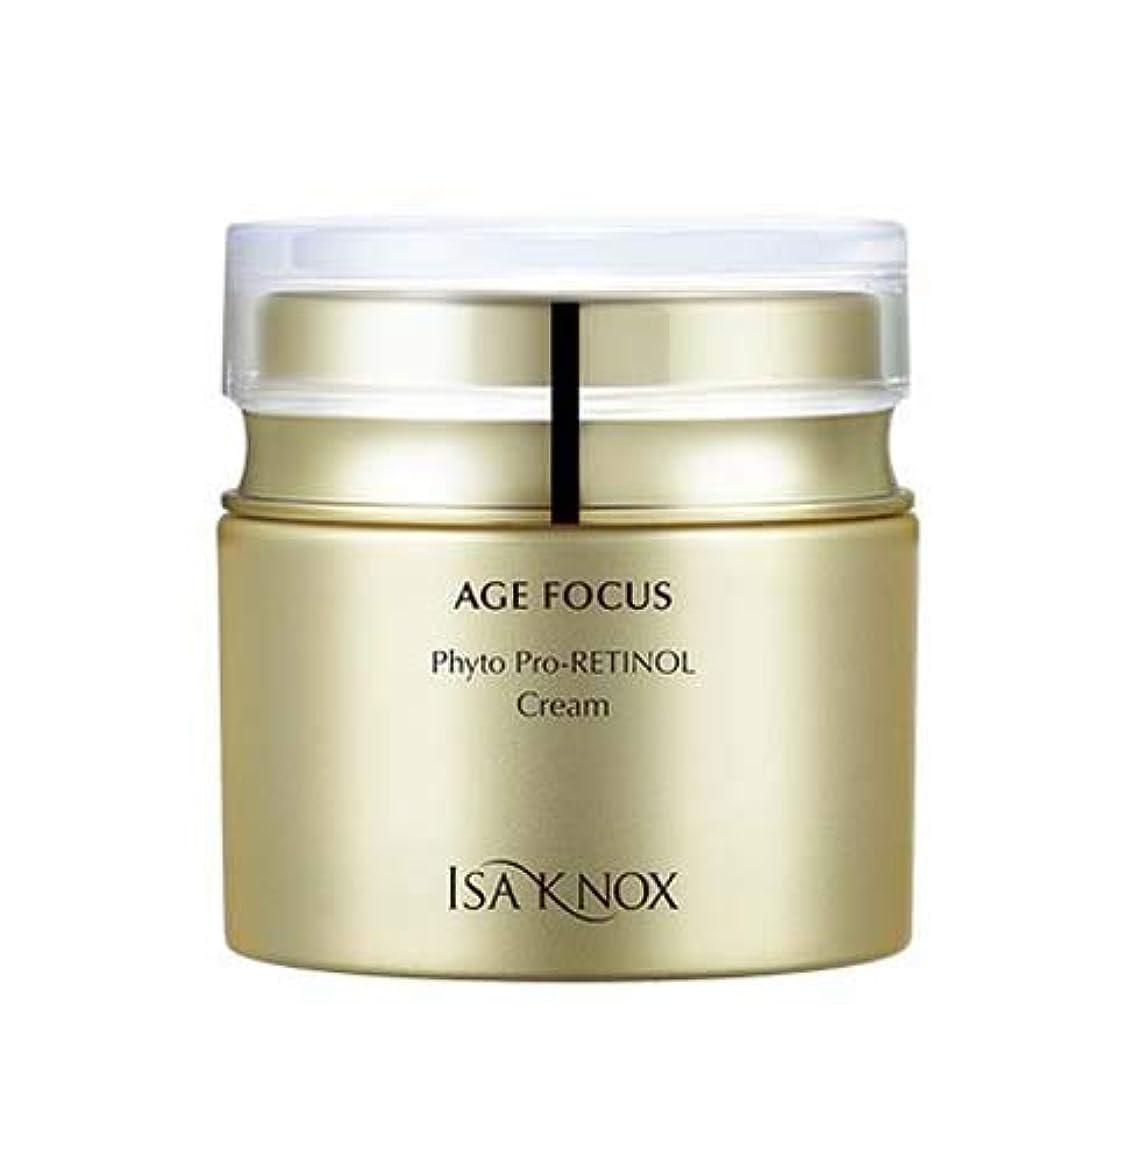 留まるカプセル三角形[イザノックス] ISA KNOX [エイジフォーカス フィト プロレチノール クリーム 50ml] AGE FOCUS Pro-Retinol Cream 50ml [海外直送品]